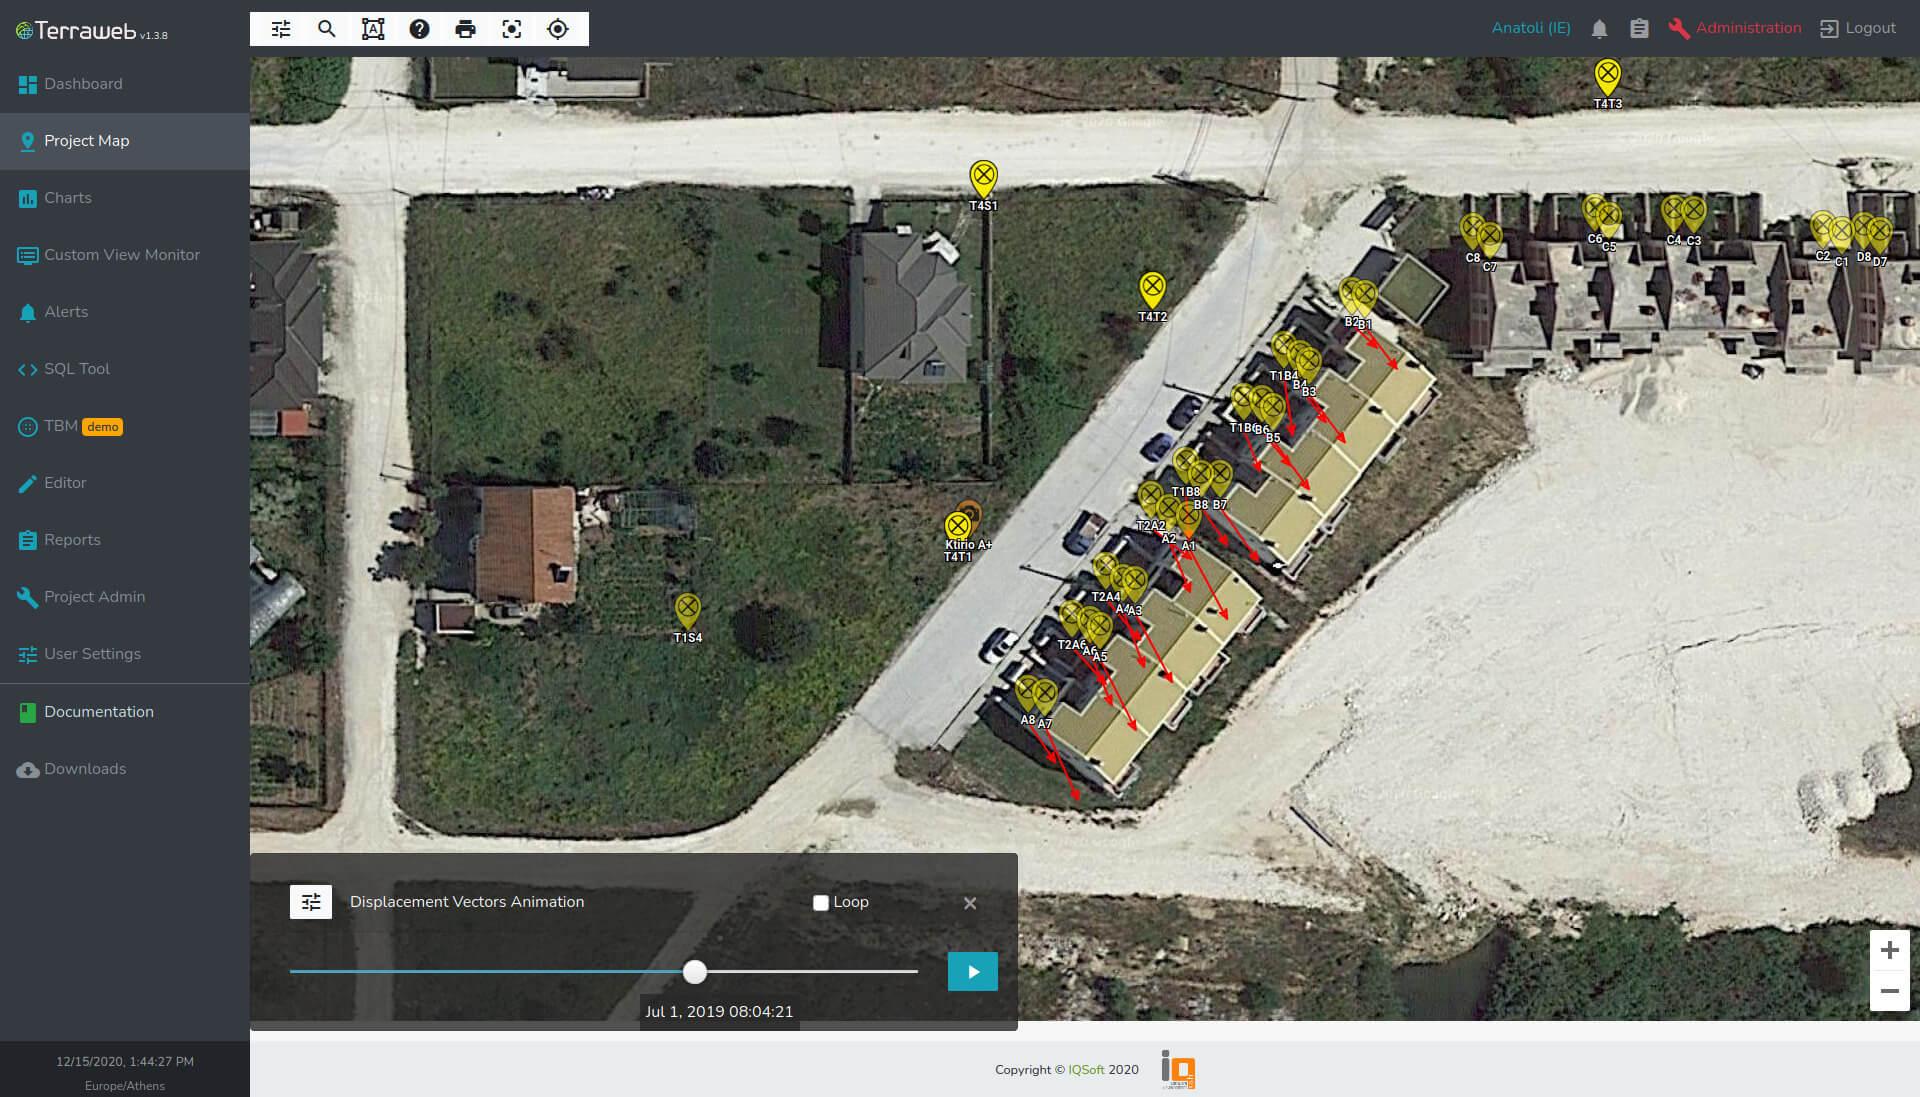 Terraweb Project Map Vectors - IQSoft